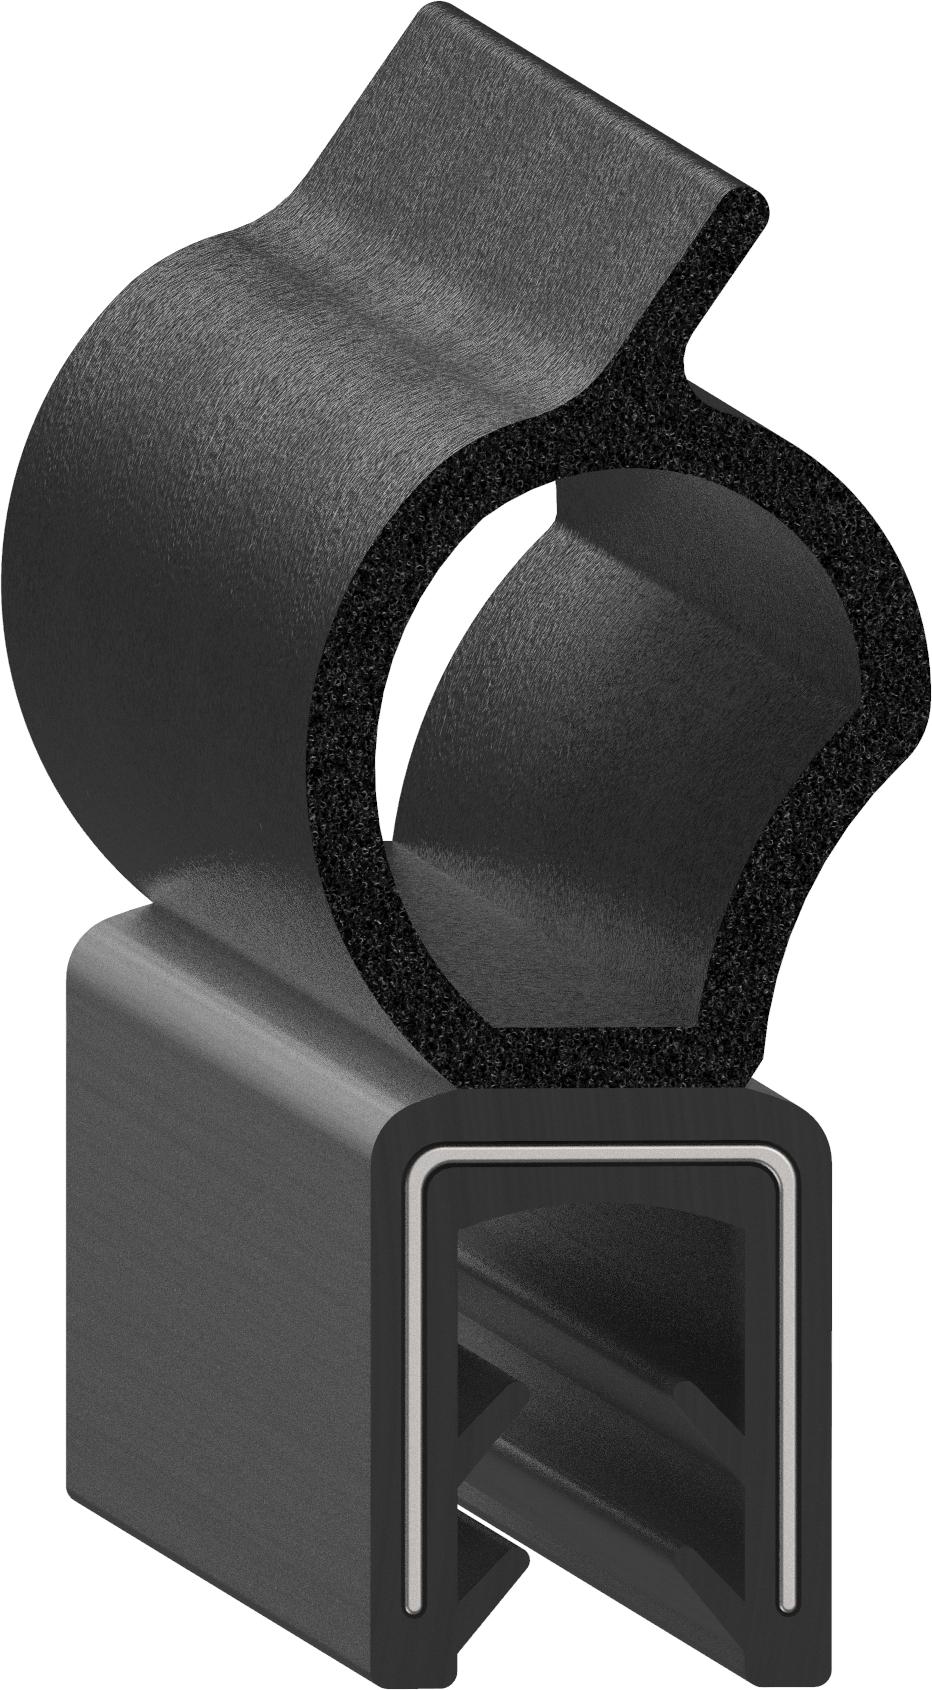 Uni-Grip part: SD-12672